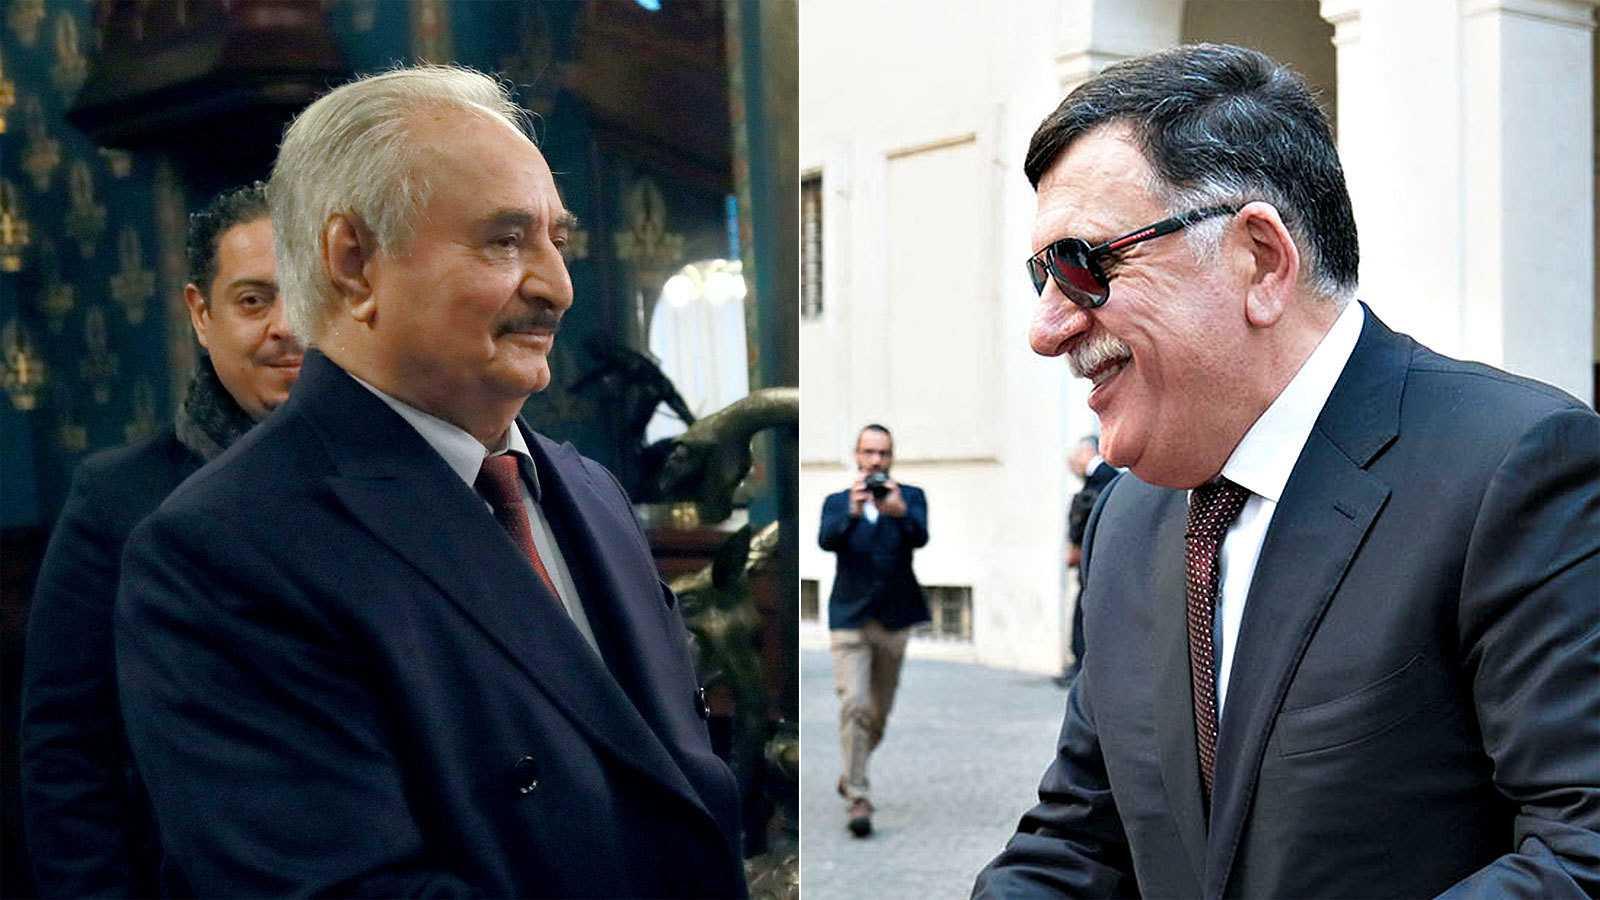 El líder del Ejército Nacional Libio, el mariscal Jalifa Hafter, y el jefe del Gobierno libio reconocido por la ONU, Fayed al Serraj